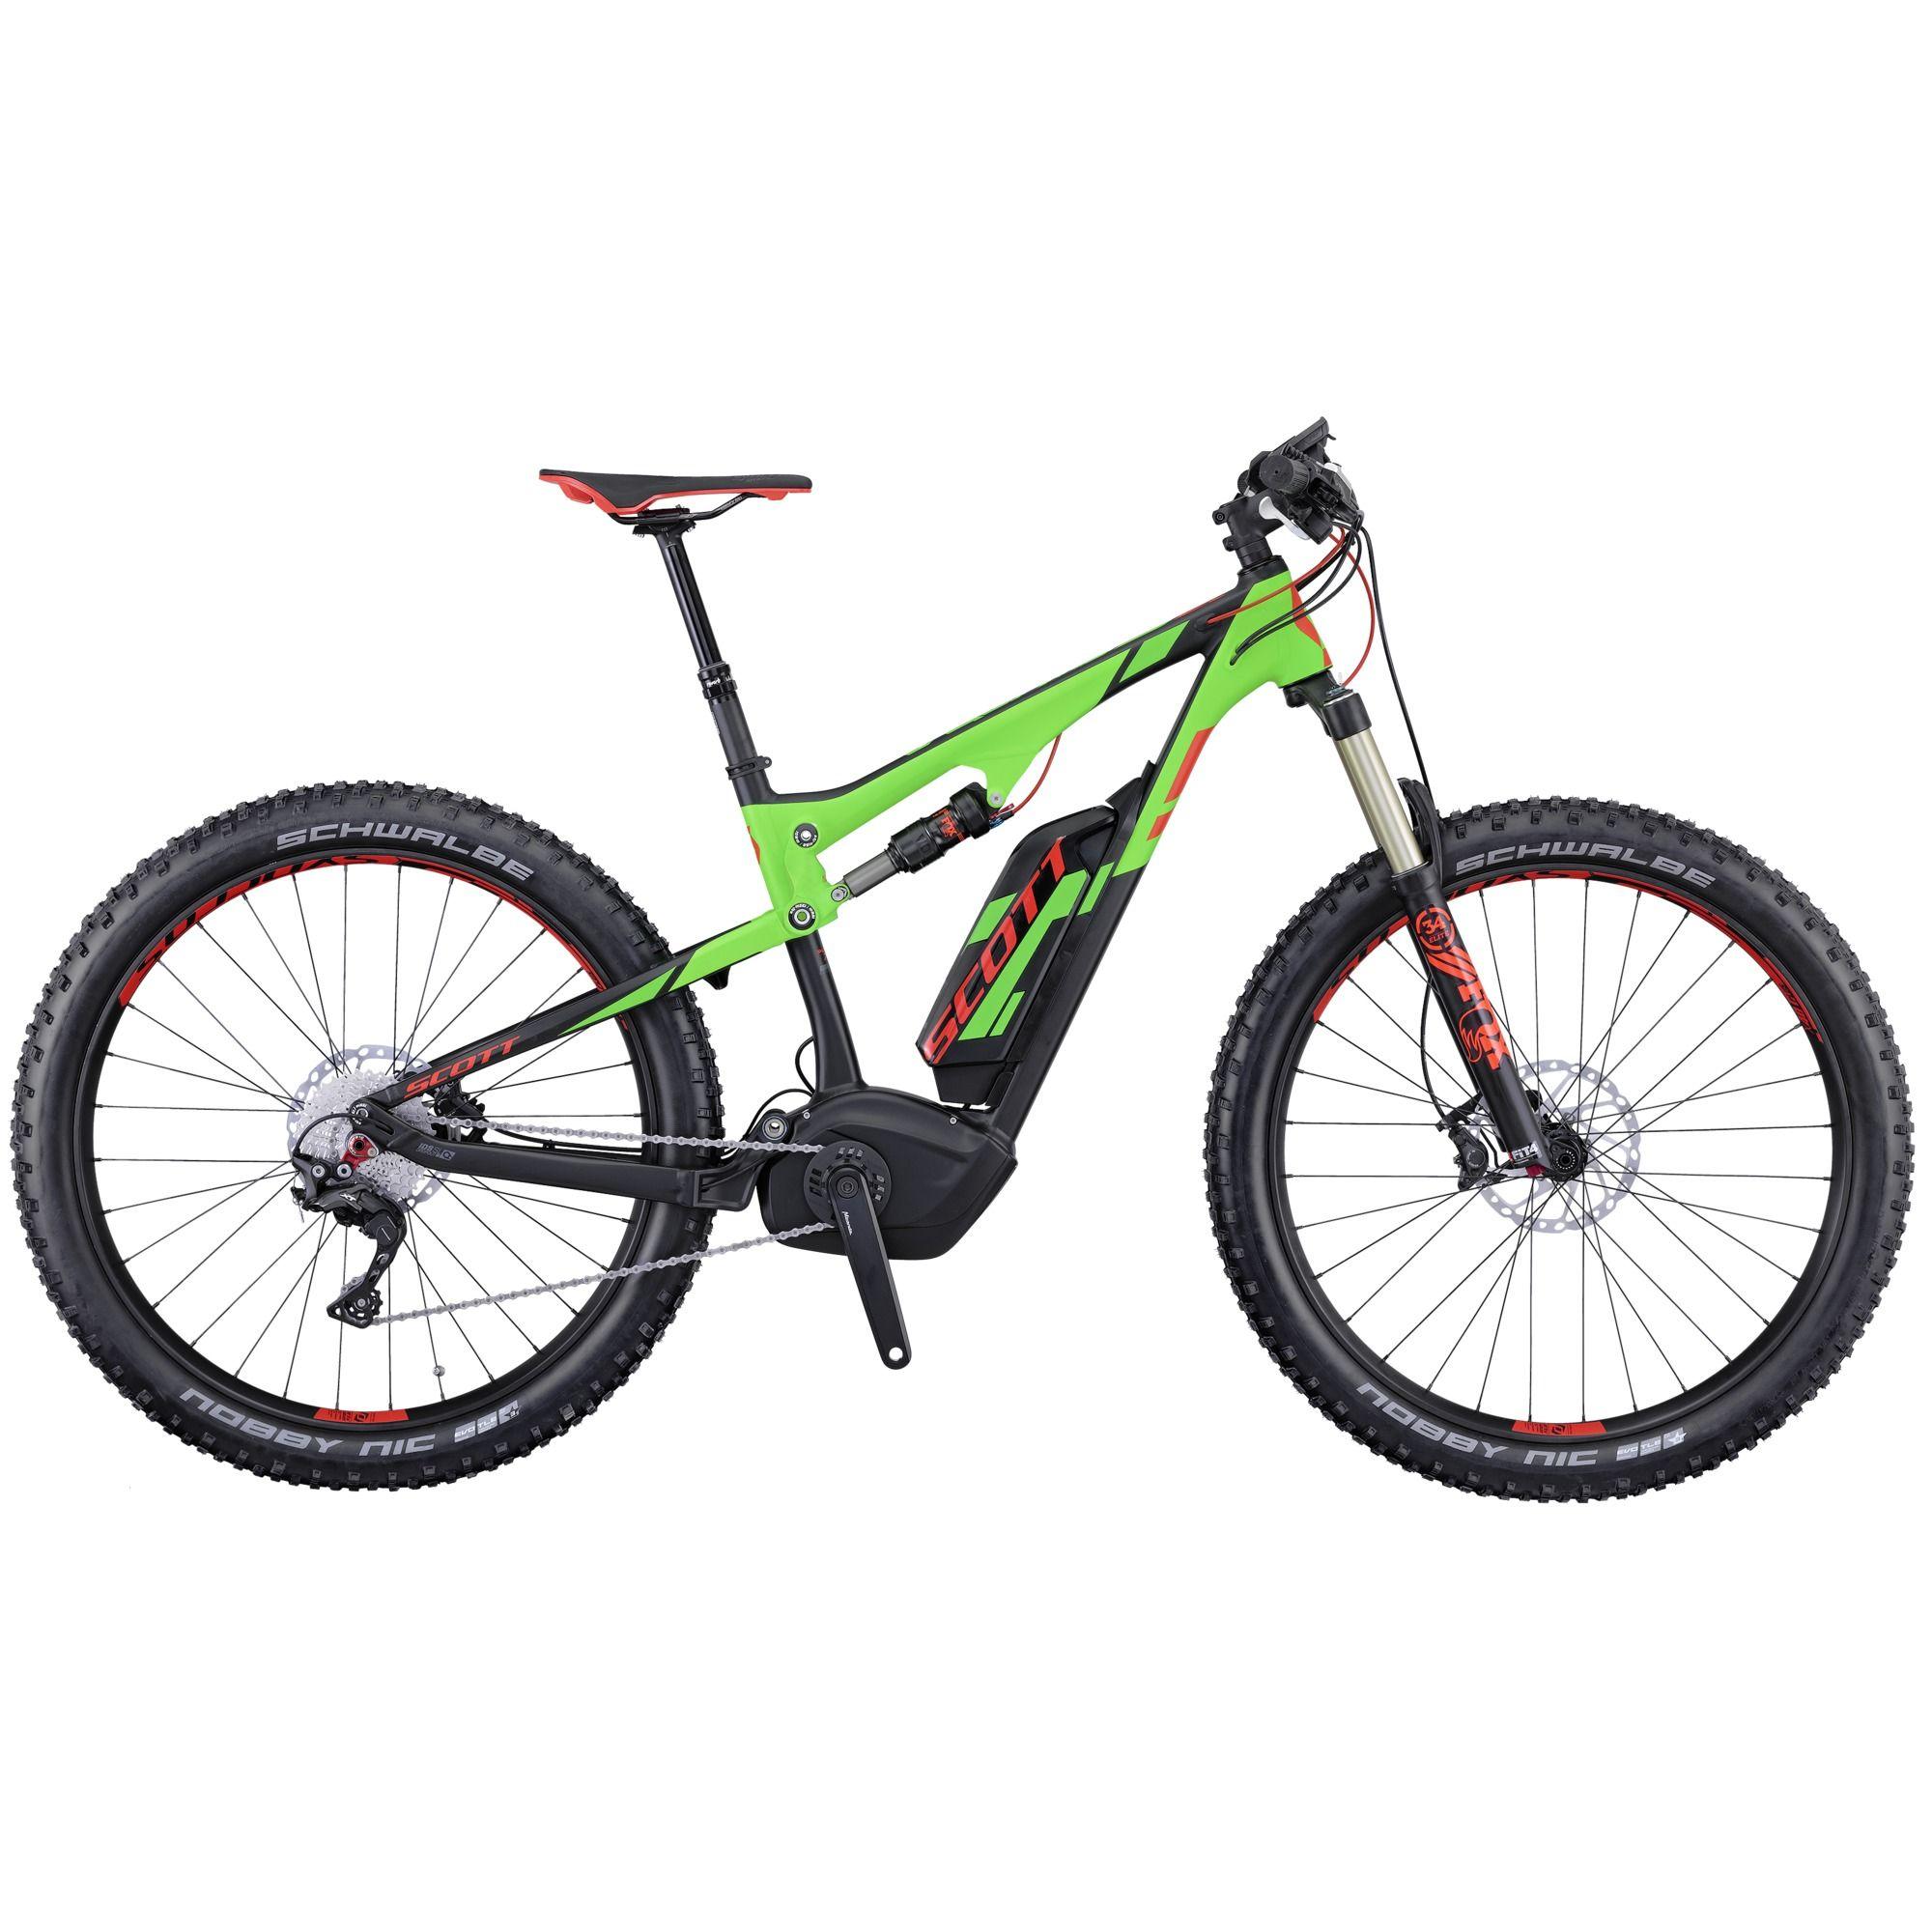 Scott EGenius 710 Plus Bike ILKLEY CYCLES Bike Shop